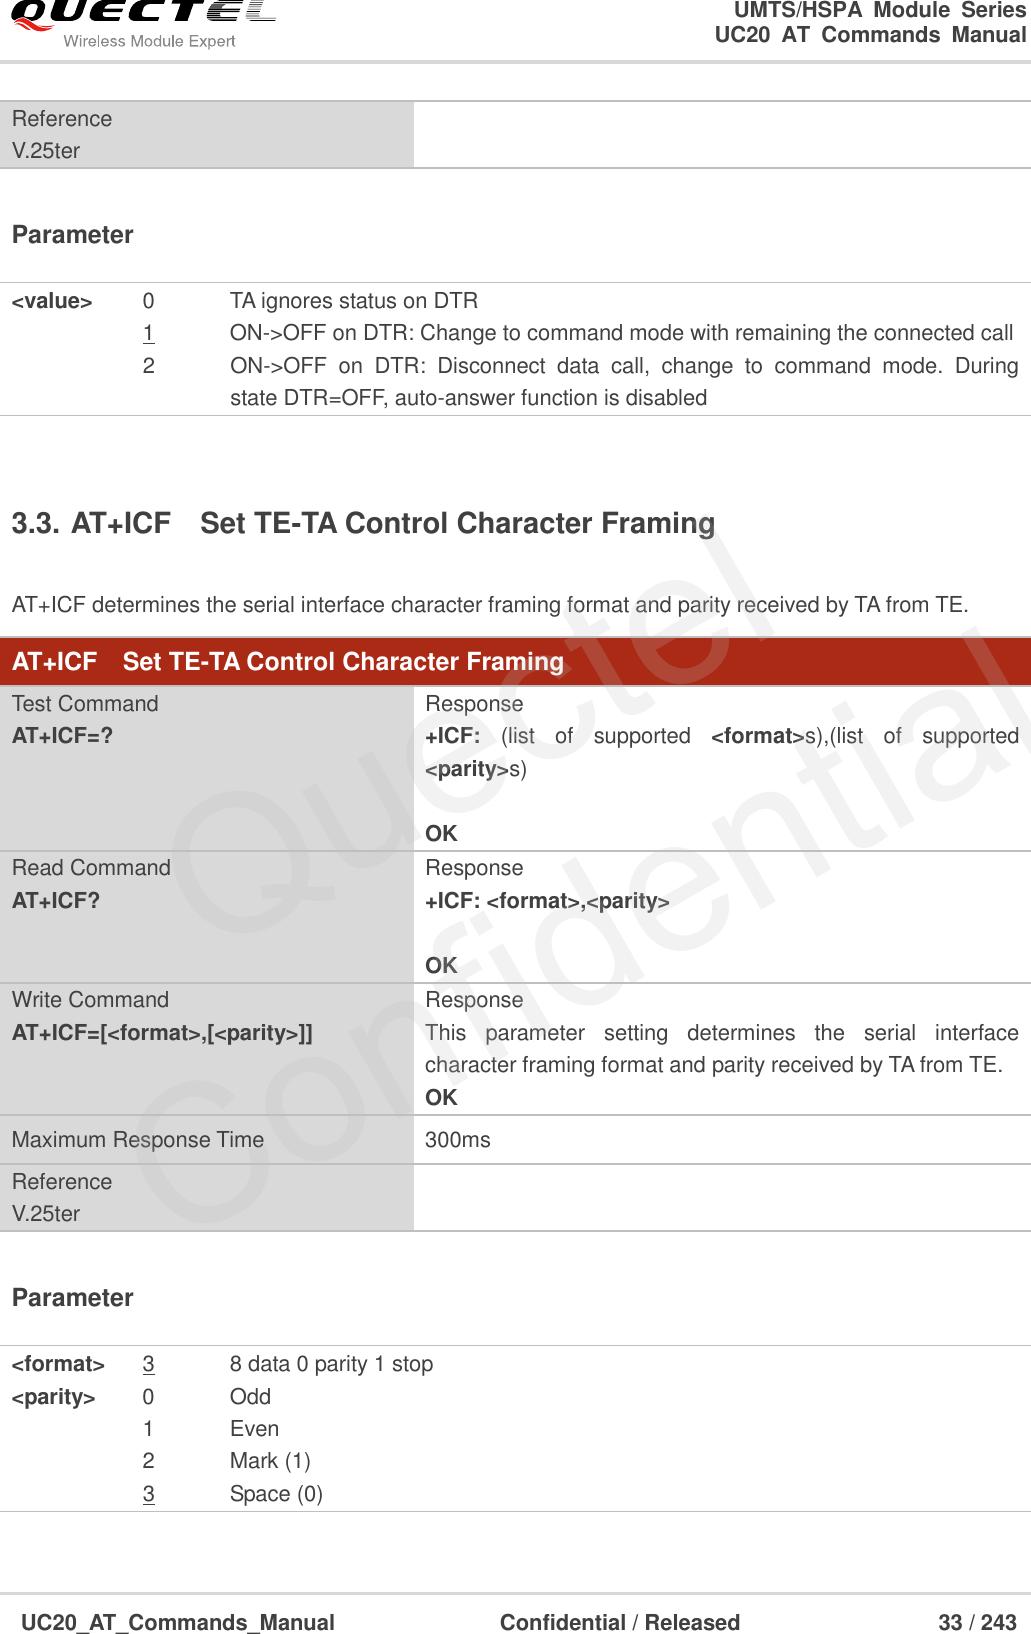 Quectel UC20 AT Commands Manual V1 5